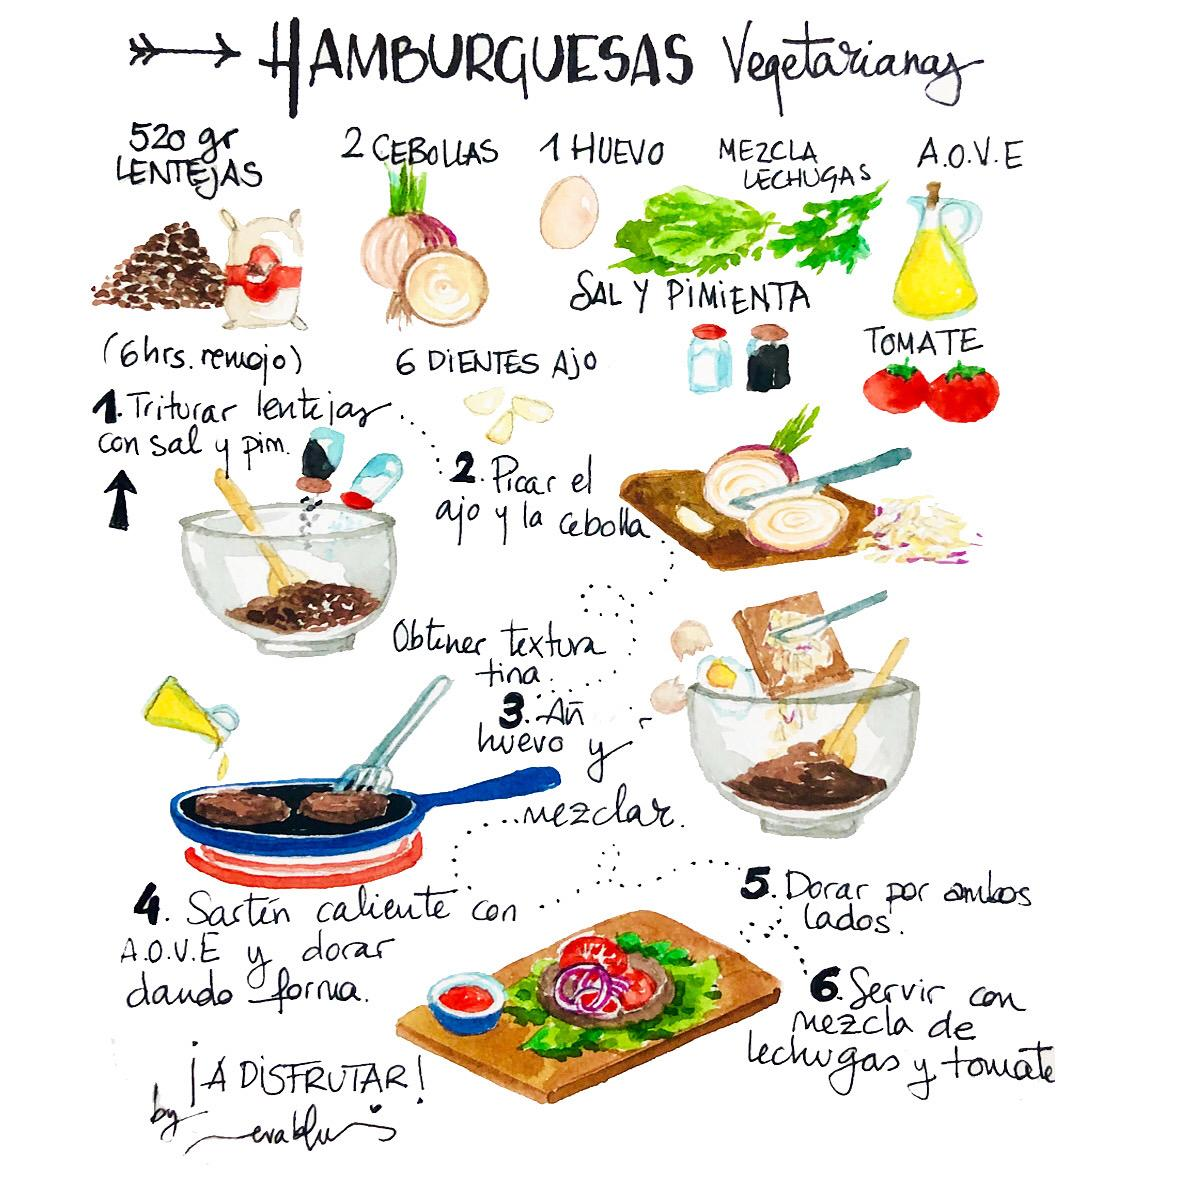 Ilustración receta hamburguesas vegetales de @evablue